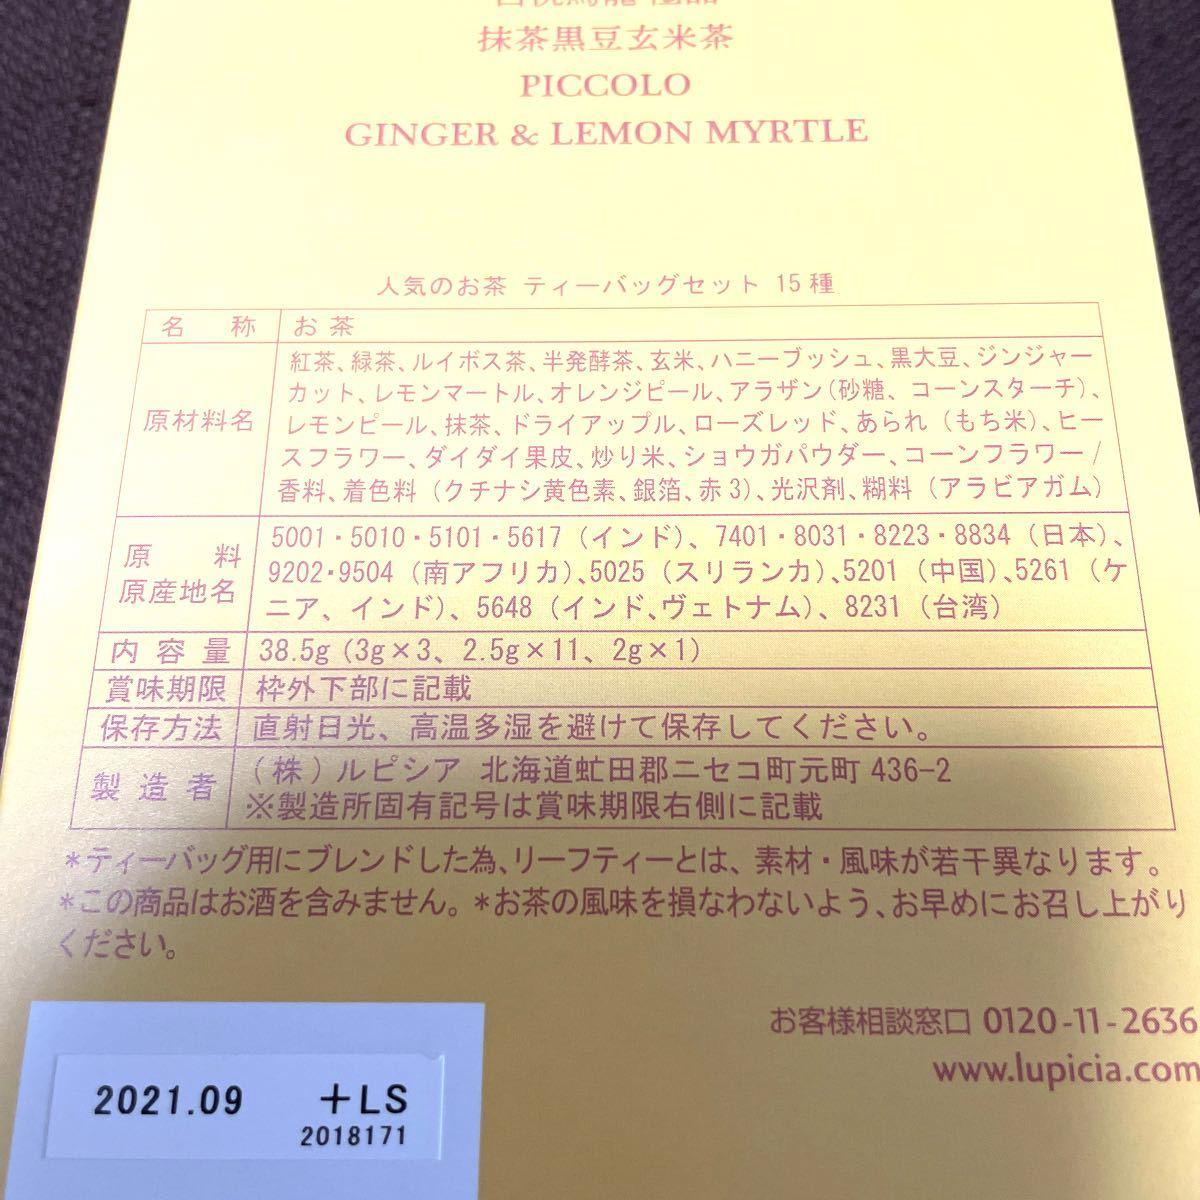 ルピシア 人気のお茶 ティーバッグ セット 15